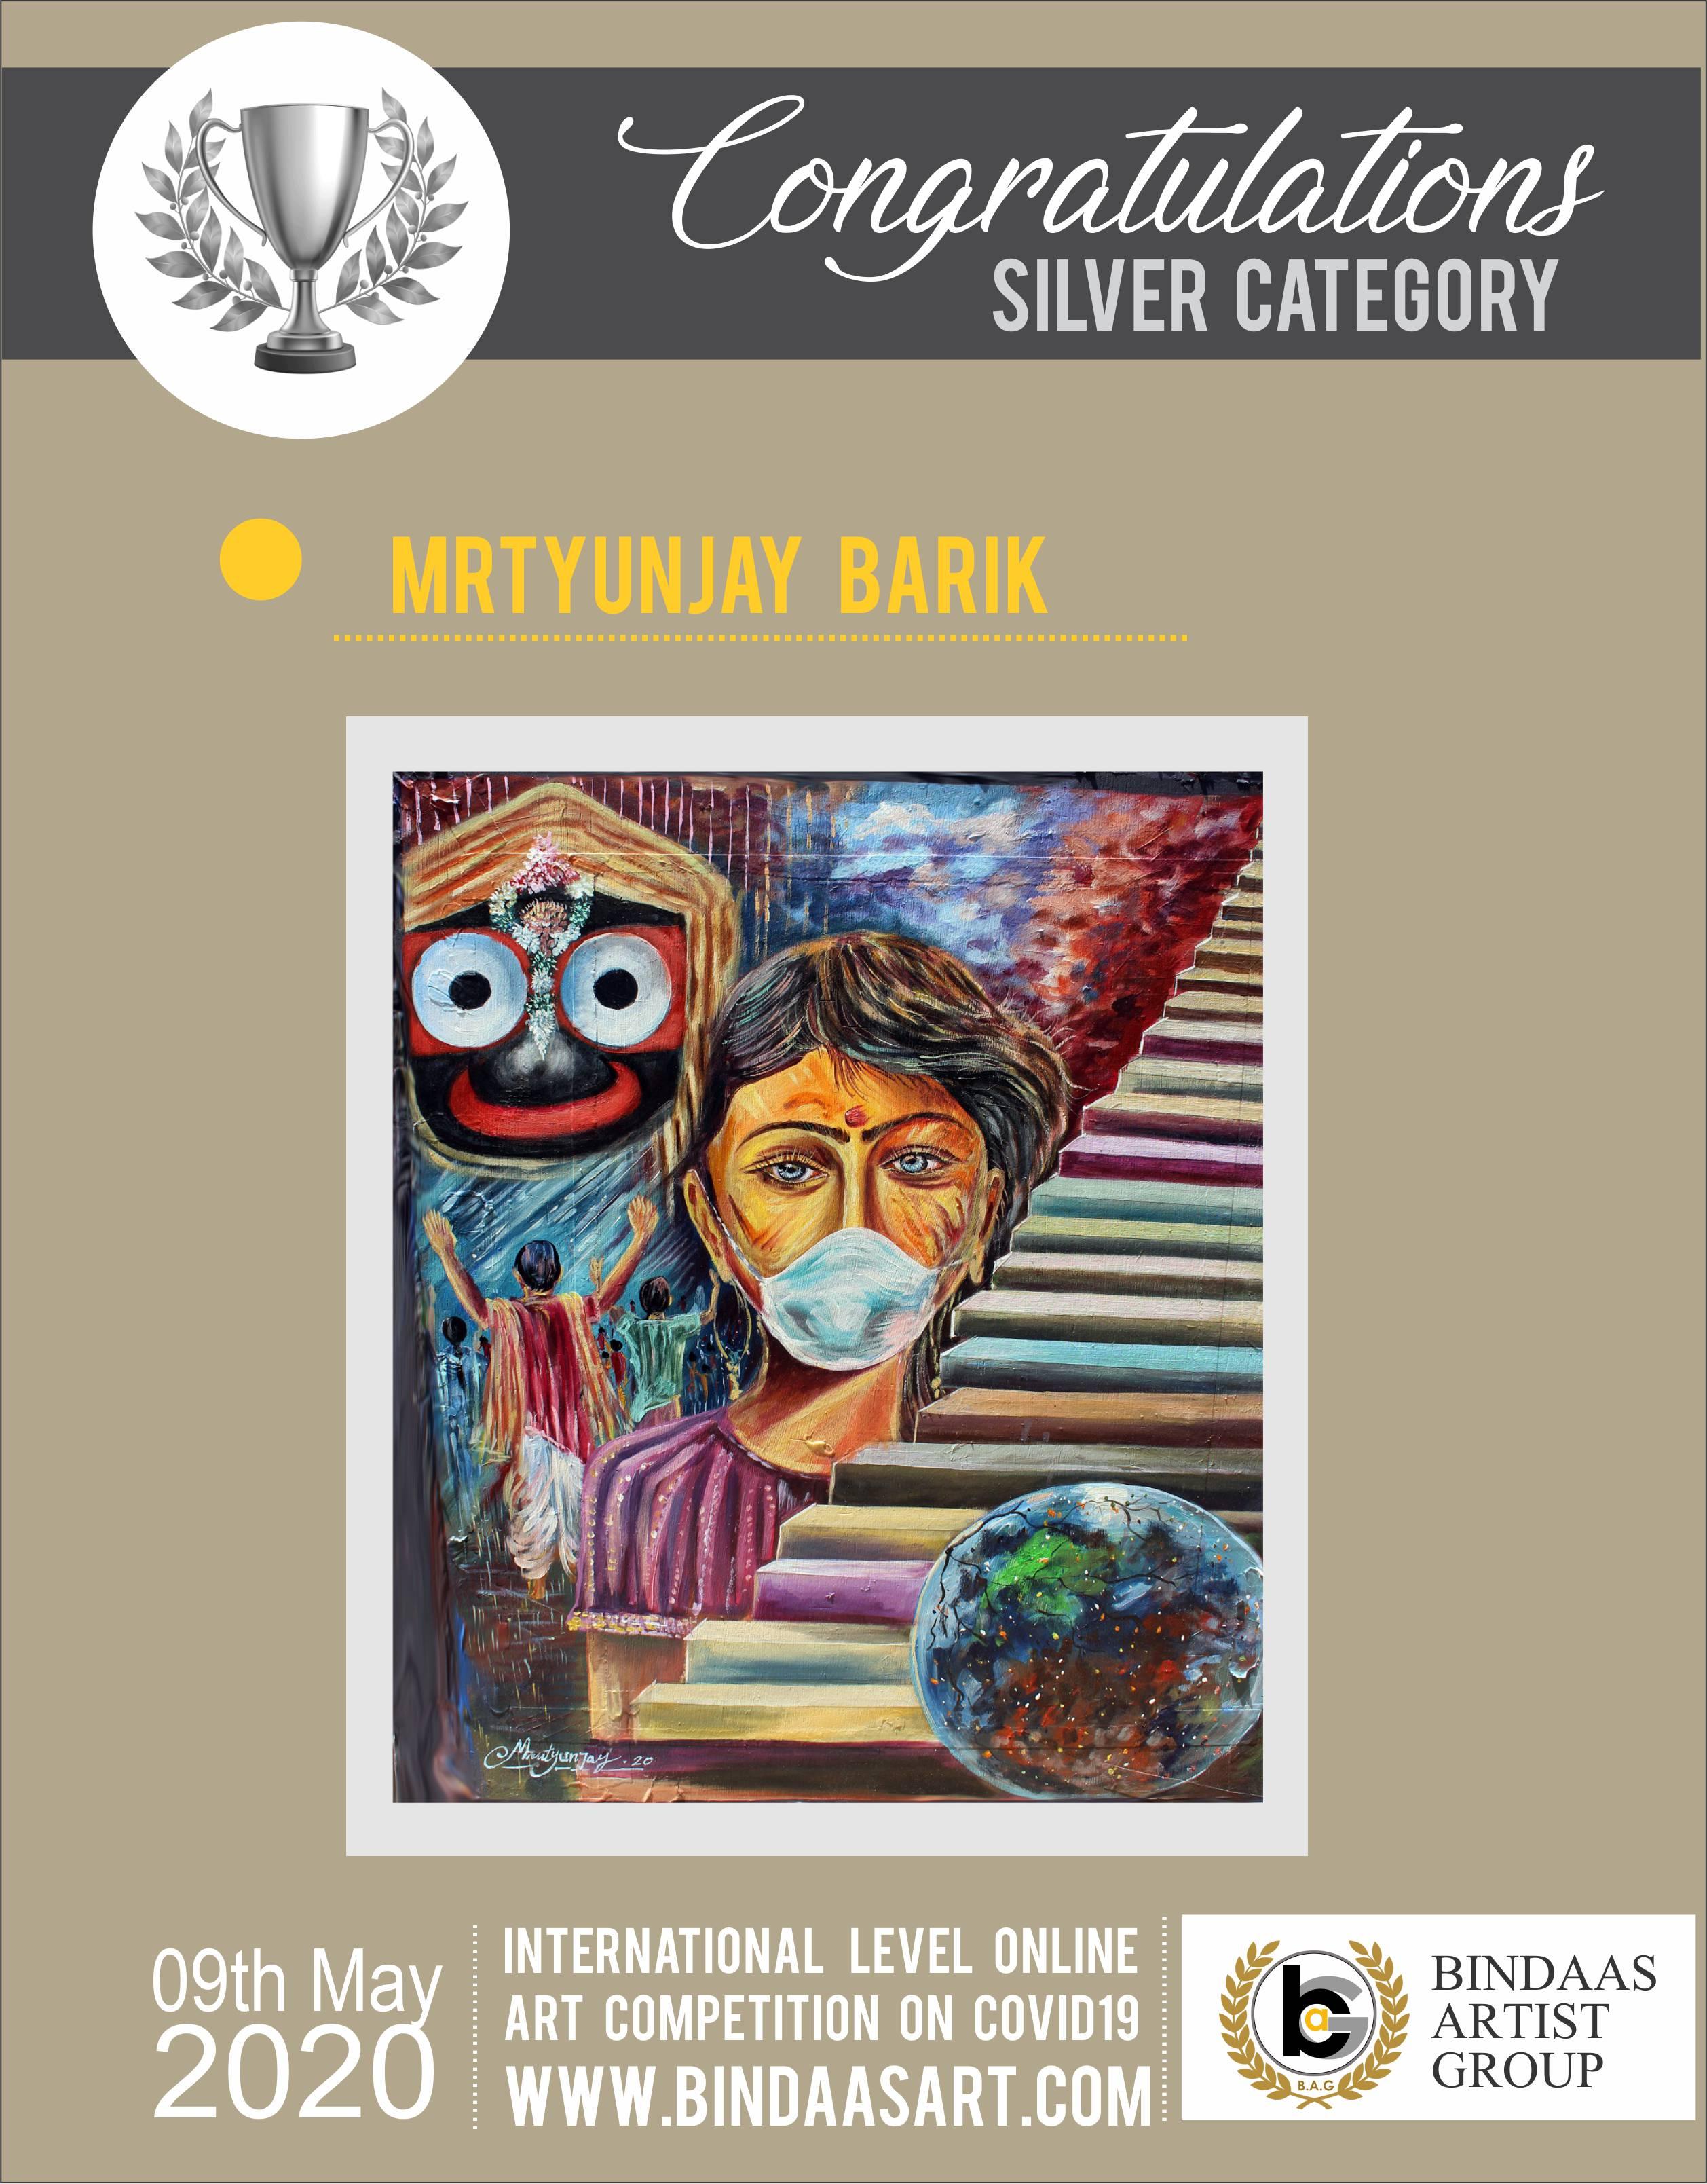 Mrtyunjay Barik